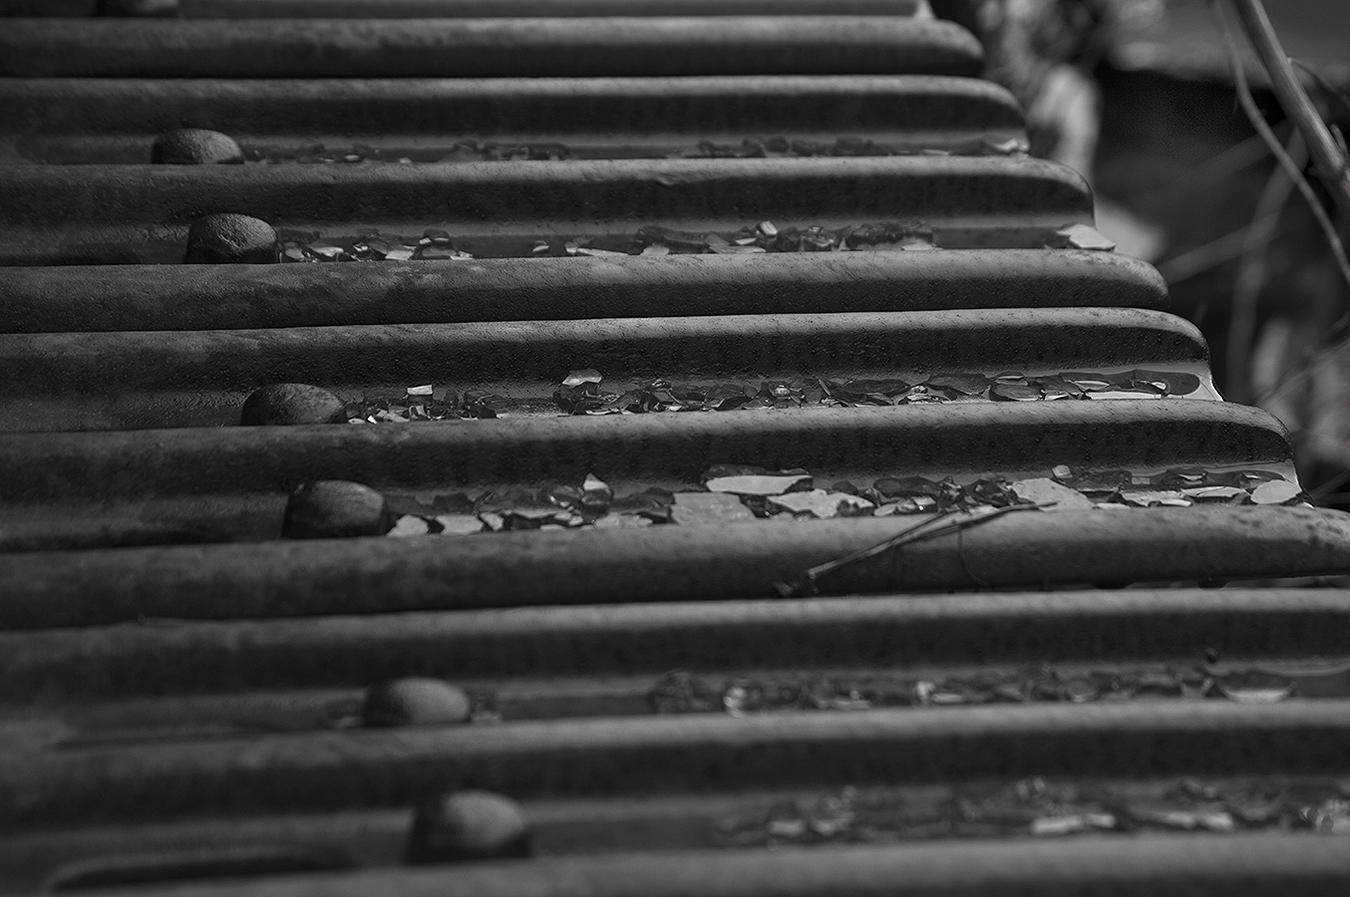 Jasmin_Smoots_Photography_2016_Junk_Yard_Broken_Class_Excavator_Tracks_treasures